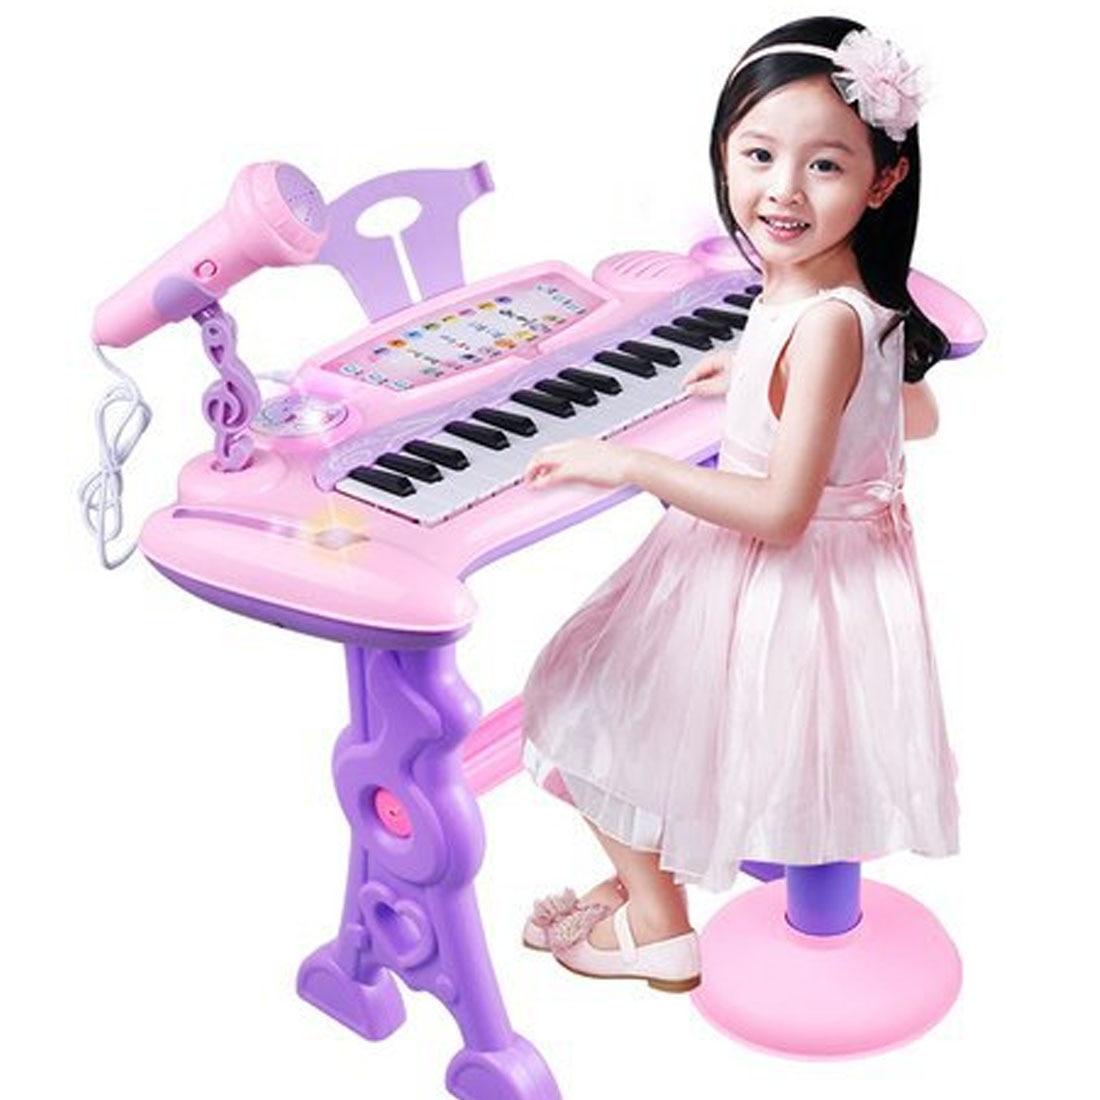 Jouet Musical rechargeable pour enfants orgue électronique 37 touches avec Microphone et tabouret pour filles jouets éducatifs pour enfants